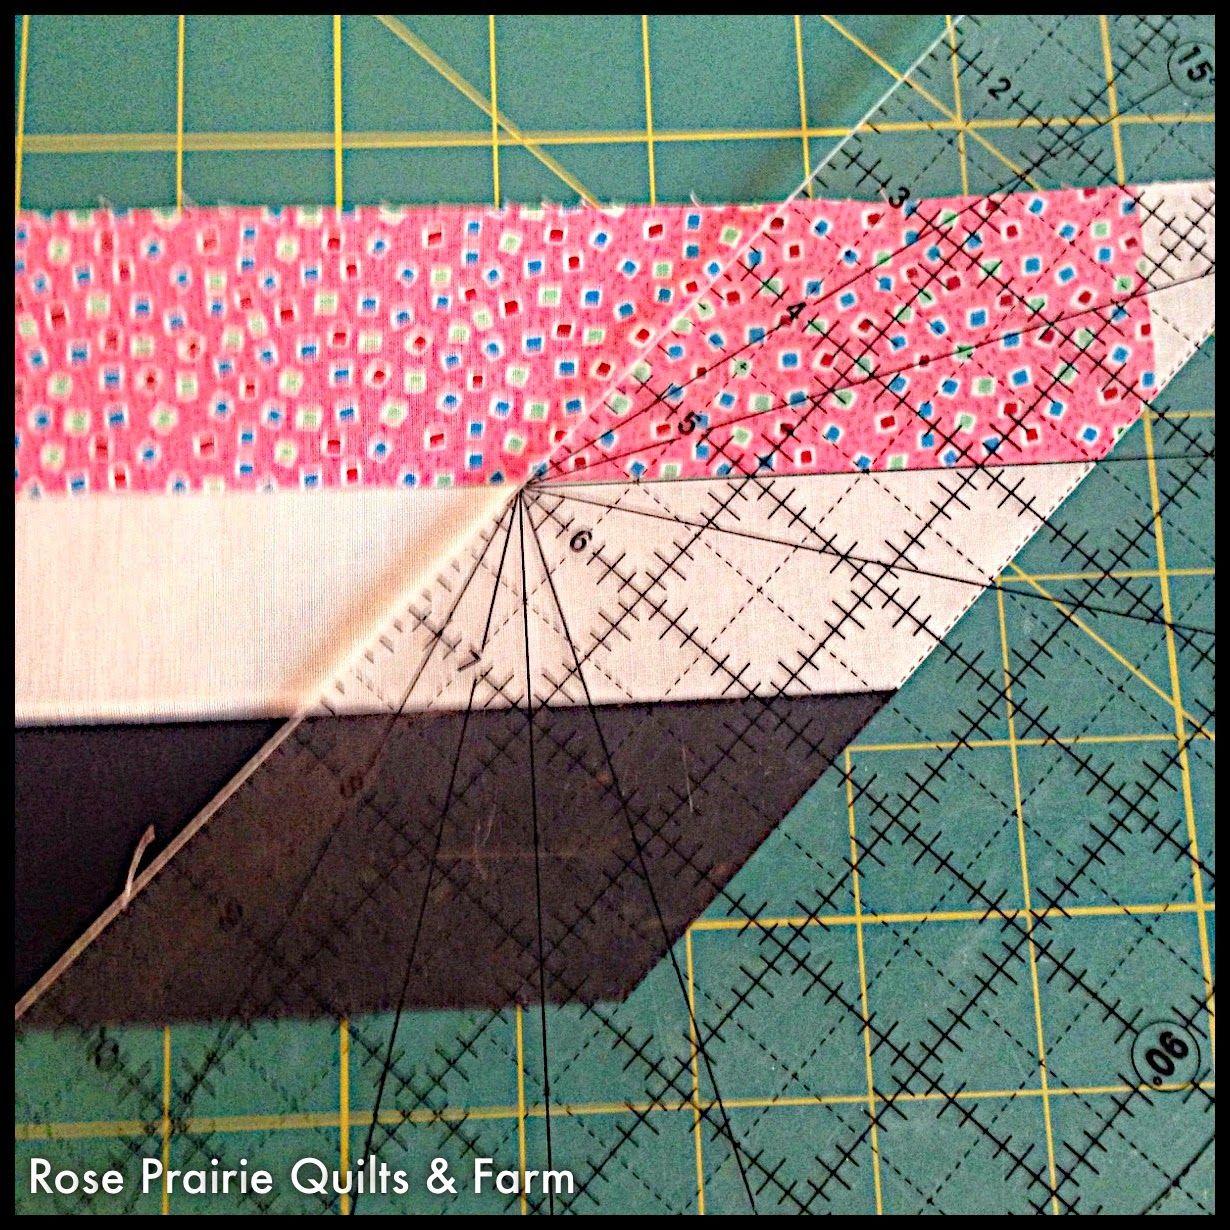 Rose Prairie Quilts and Farm